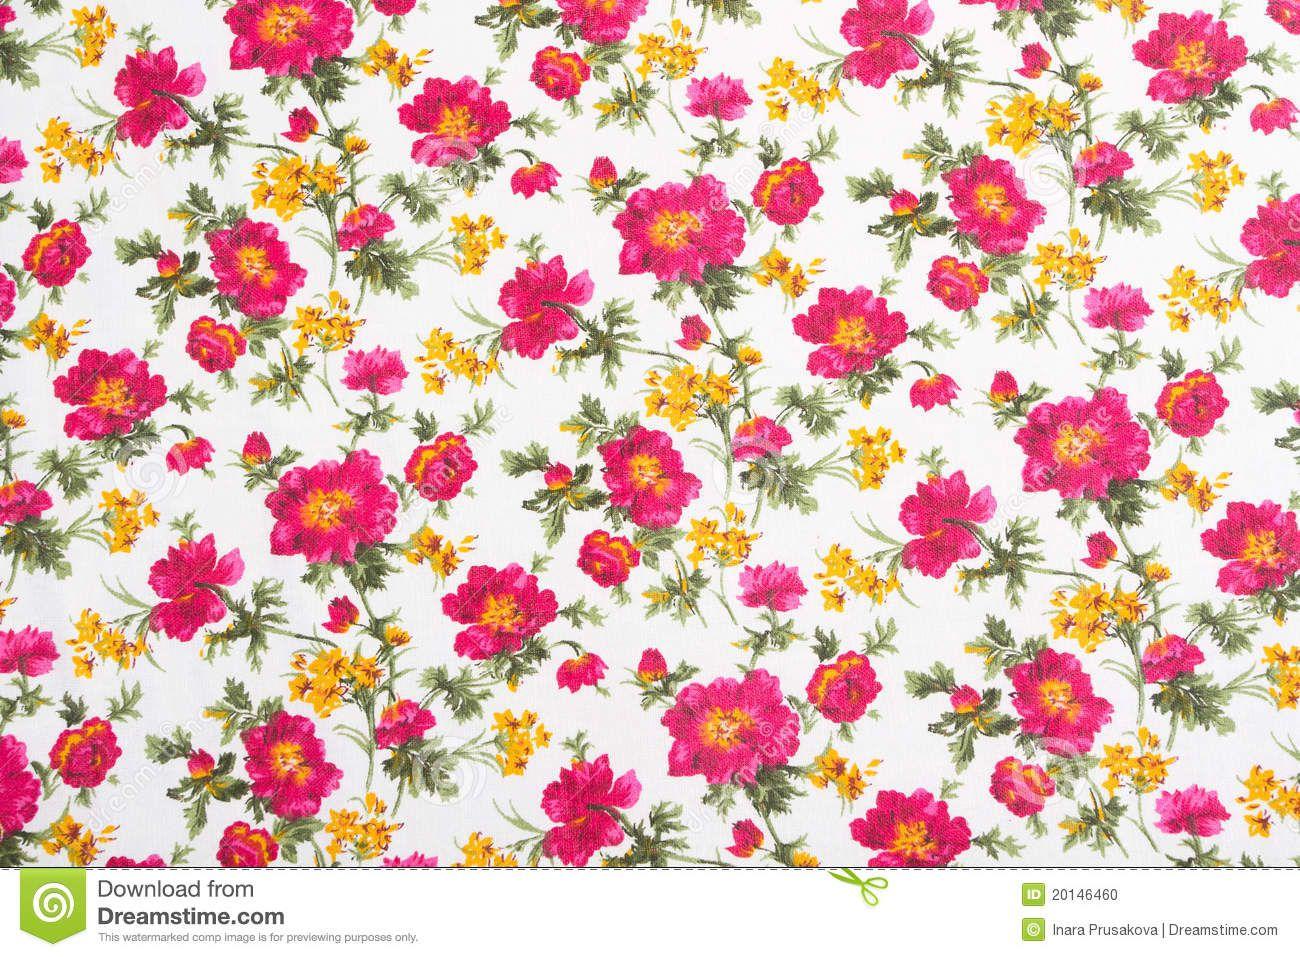 Fondos De Pantalla Hd Flores: Imagenes Vintage Flores Para Fondo De Pantalla En Hd 1 HD